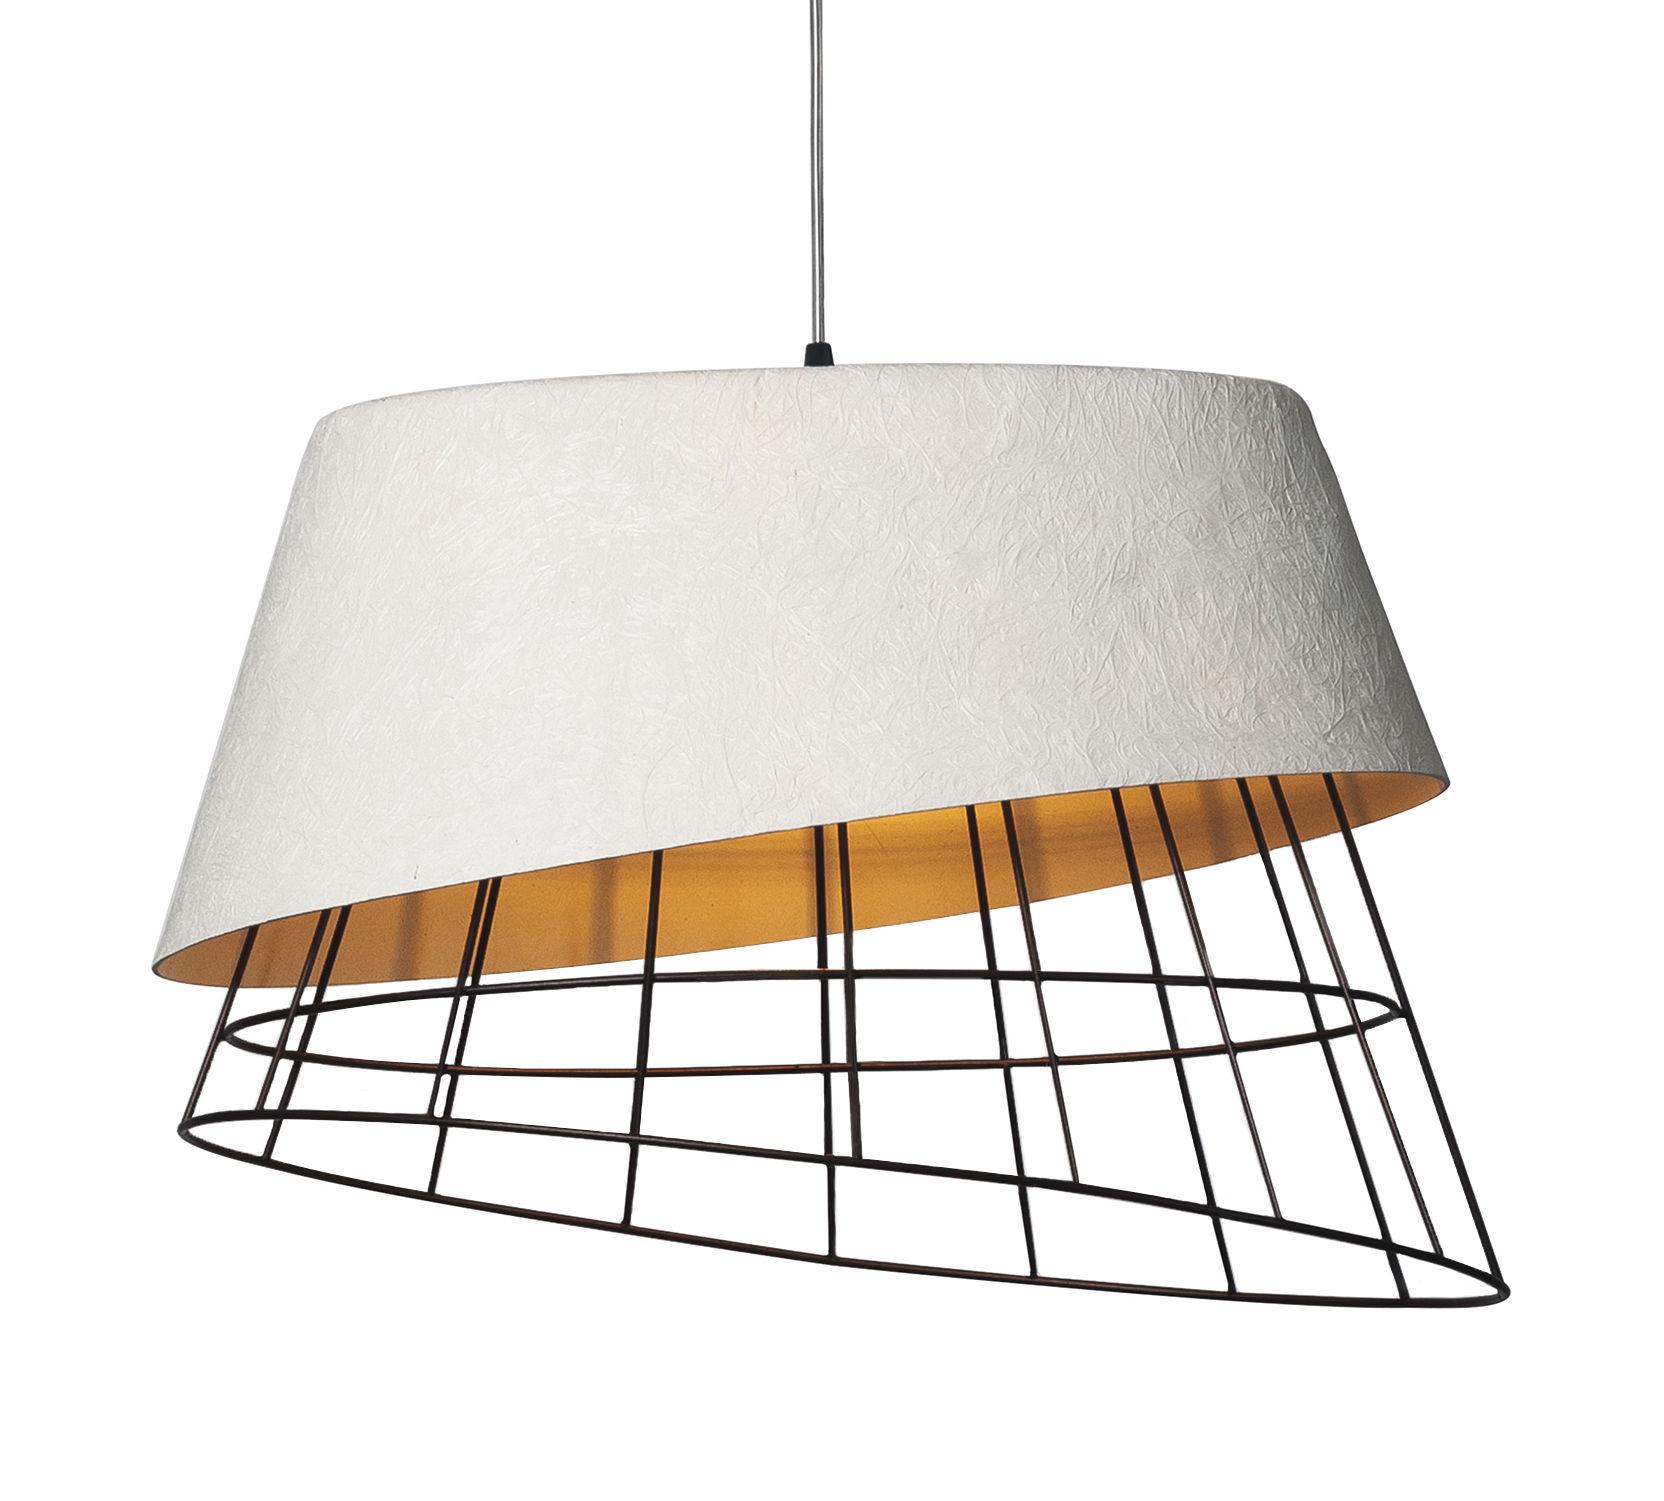 Illuminazione - Lampadari - Sospensione Mono - / L 51 x H 38 cm di Karman - Bianco & ruggine - Fibra di vetro, Metallo